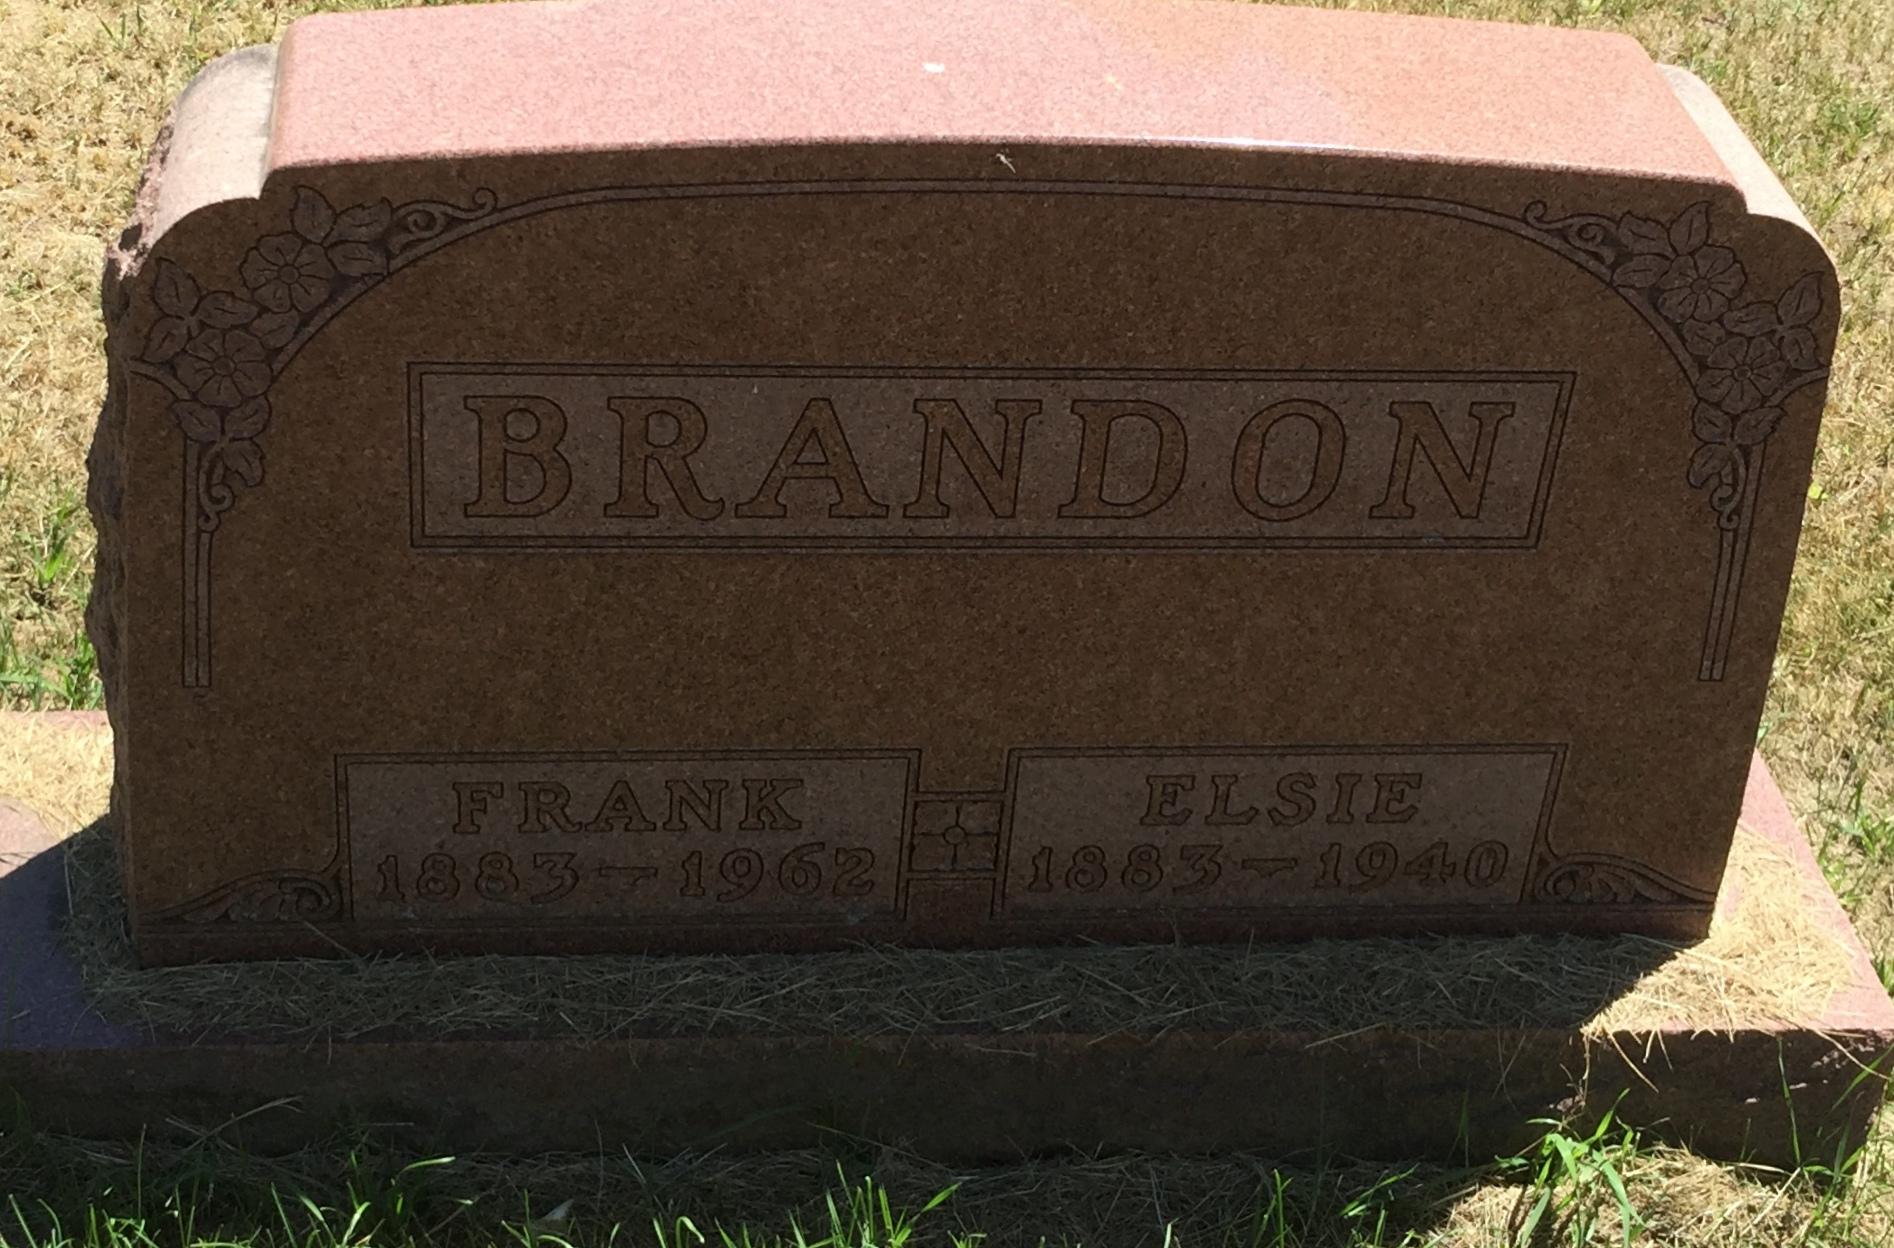 Edd Brandon